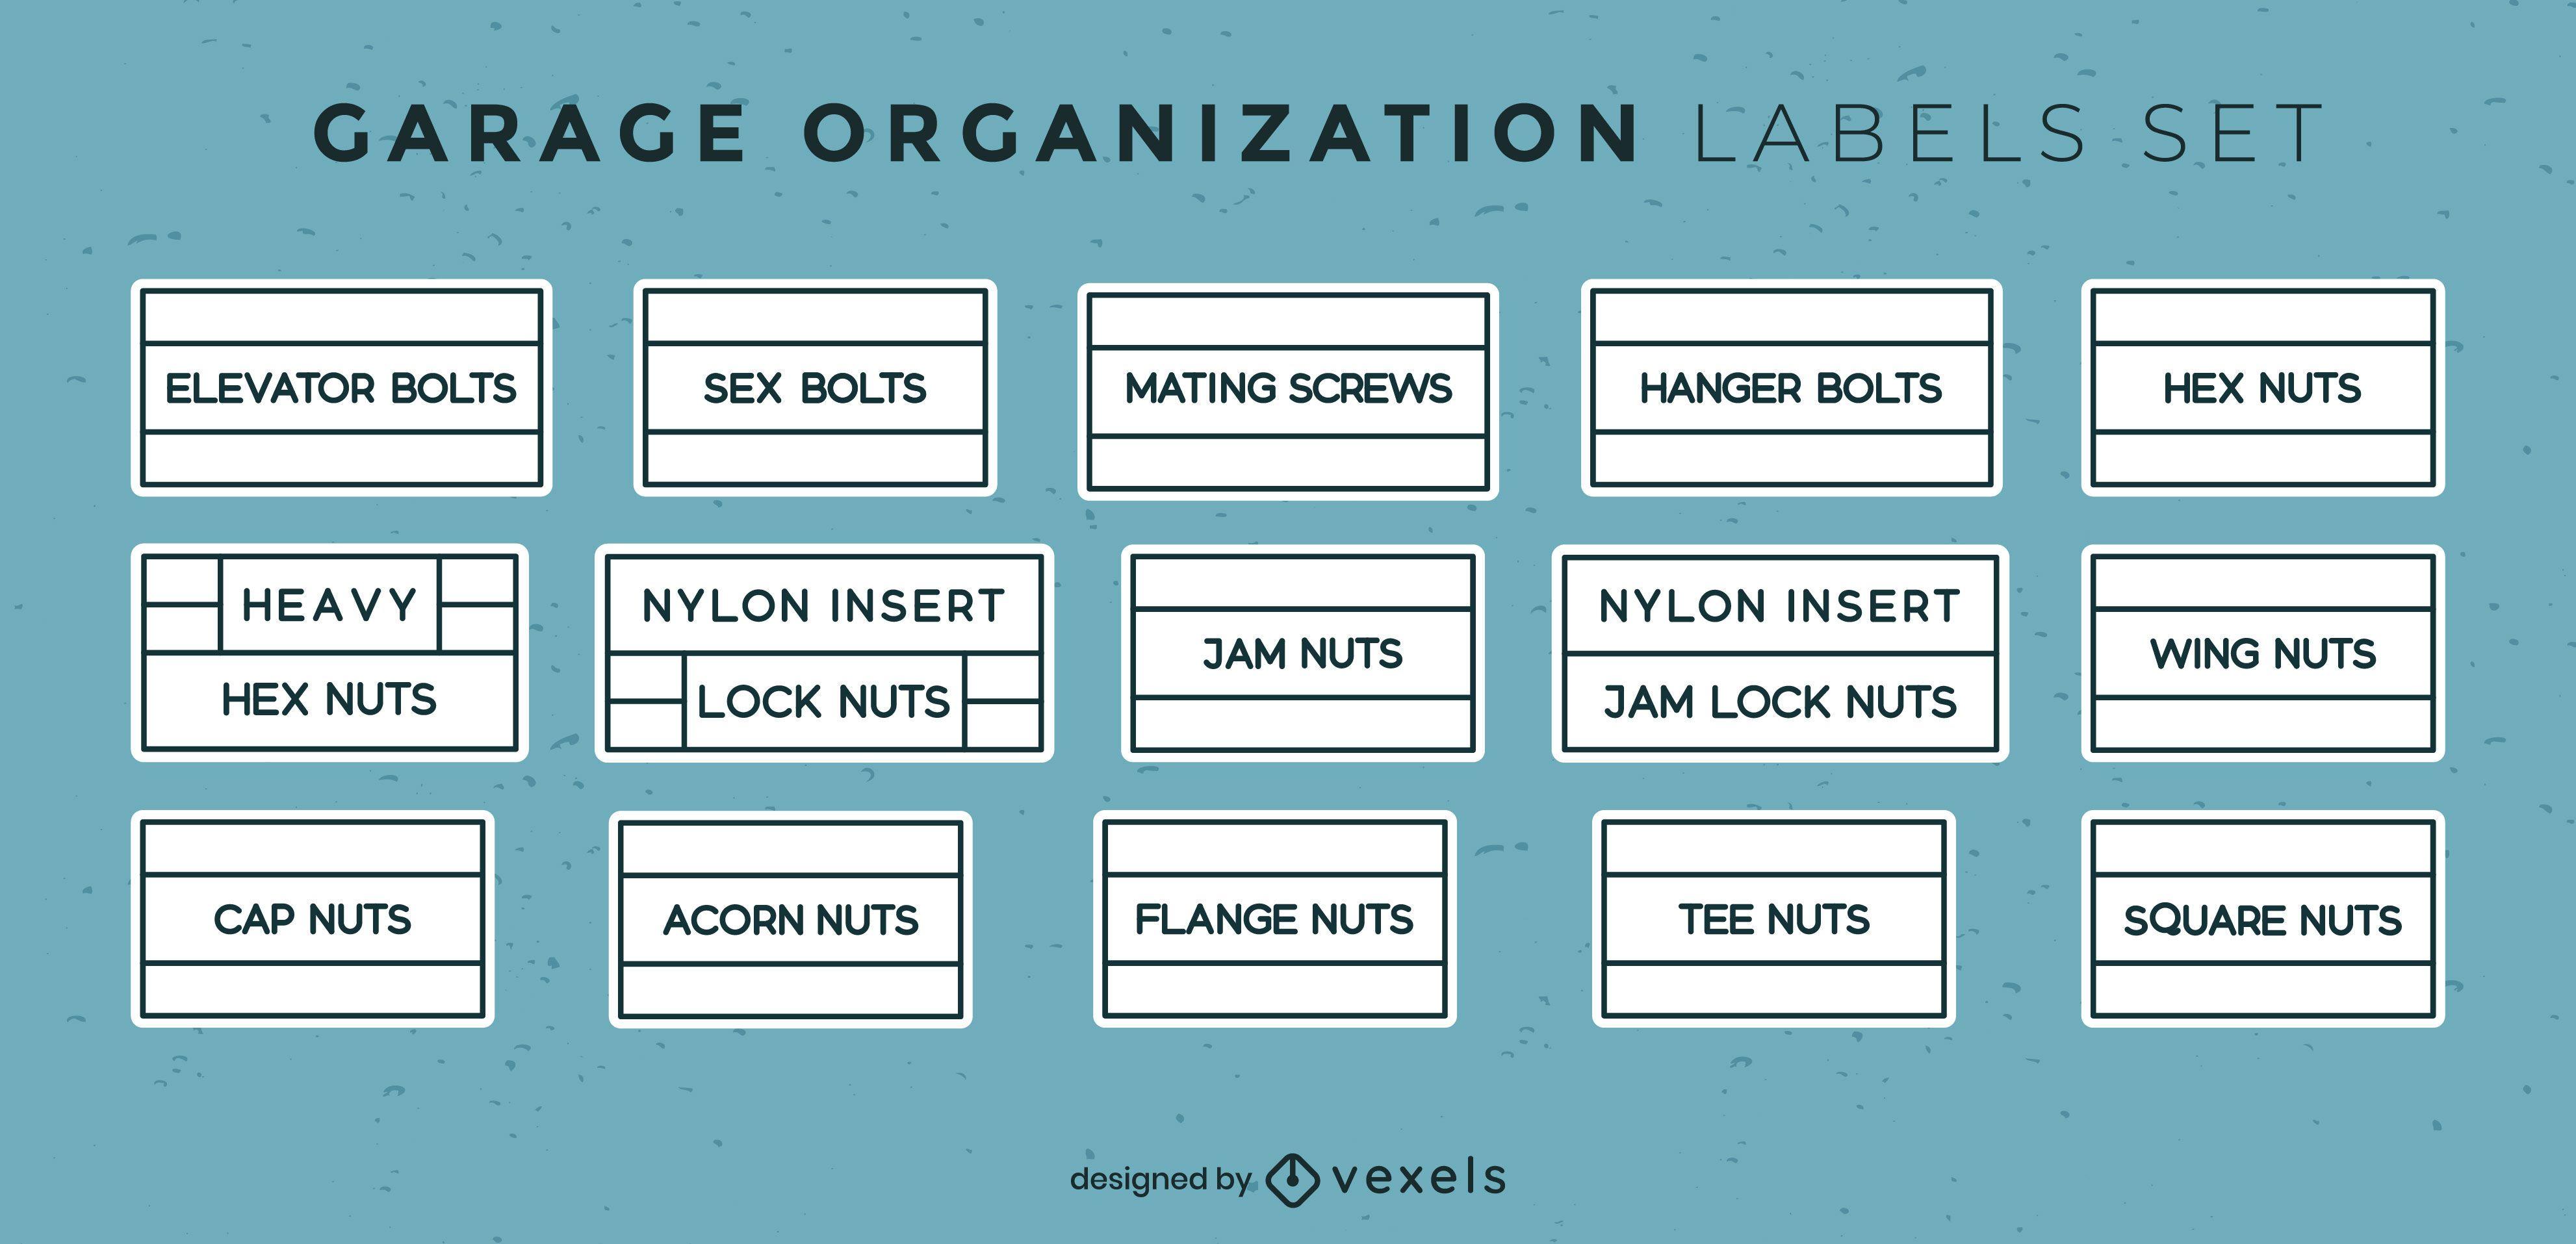 Storage garage organization labels set